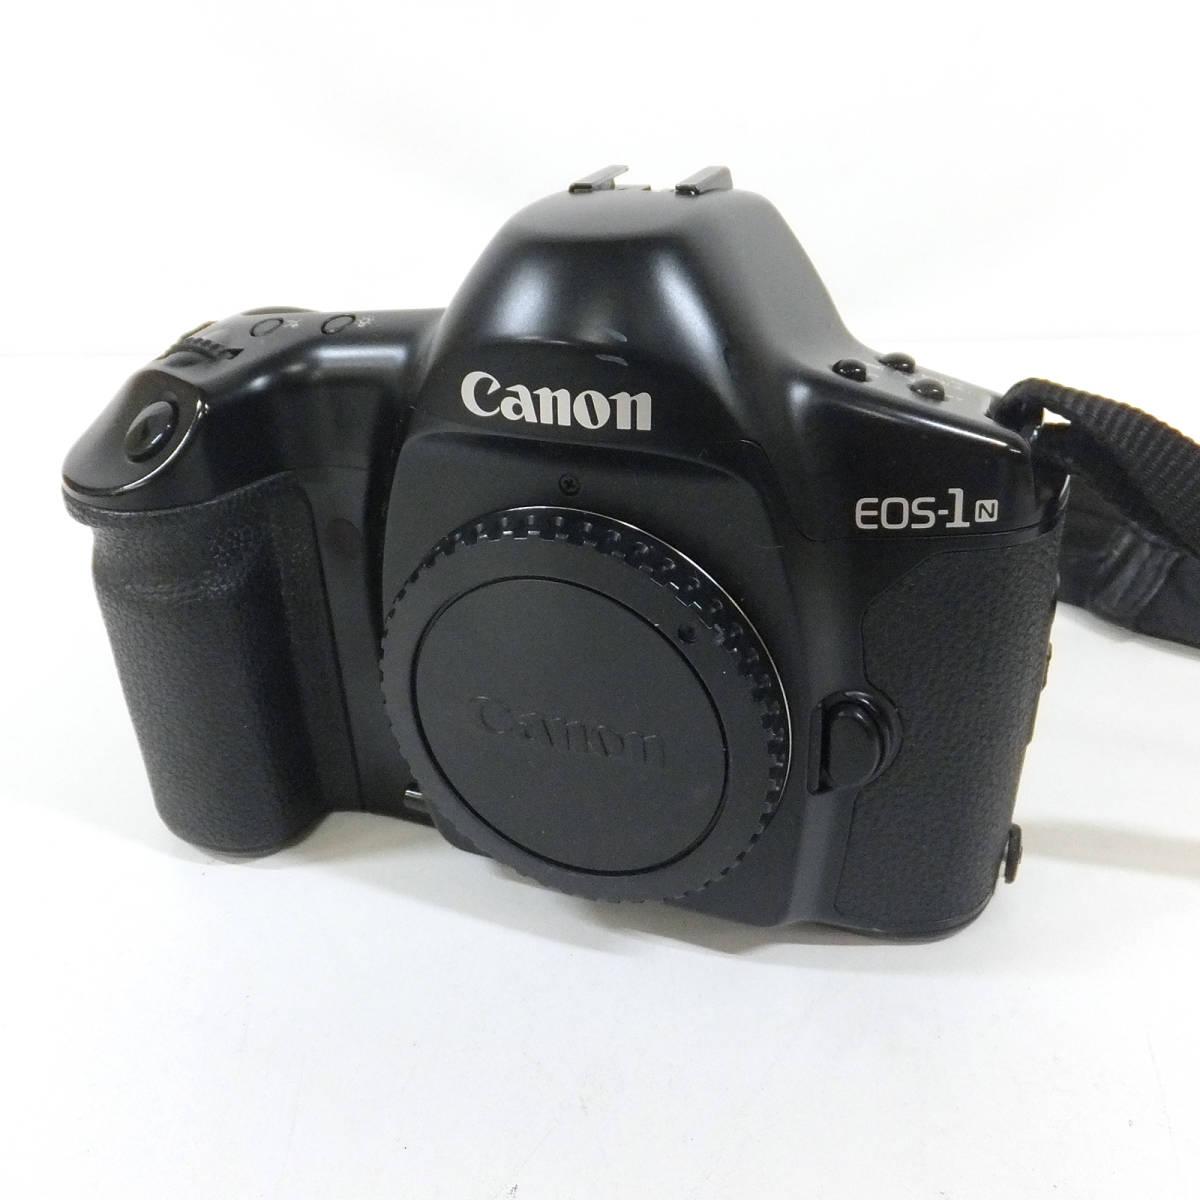 ☆【CANON】キャノン EOS-1N ボディのみ☆fH☆